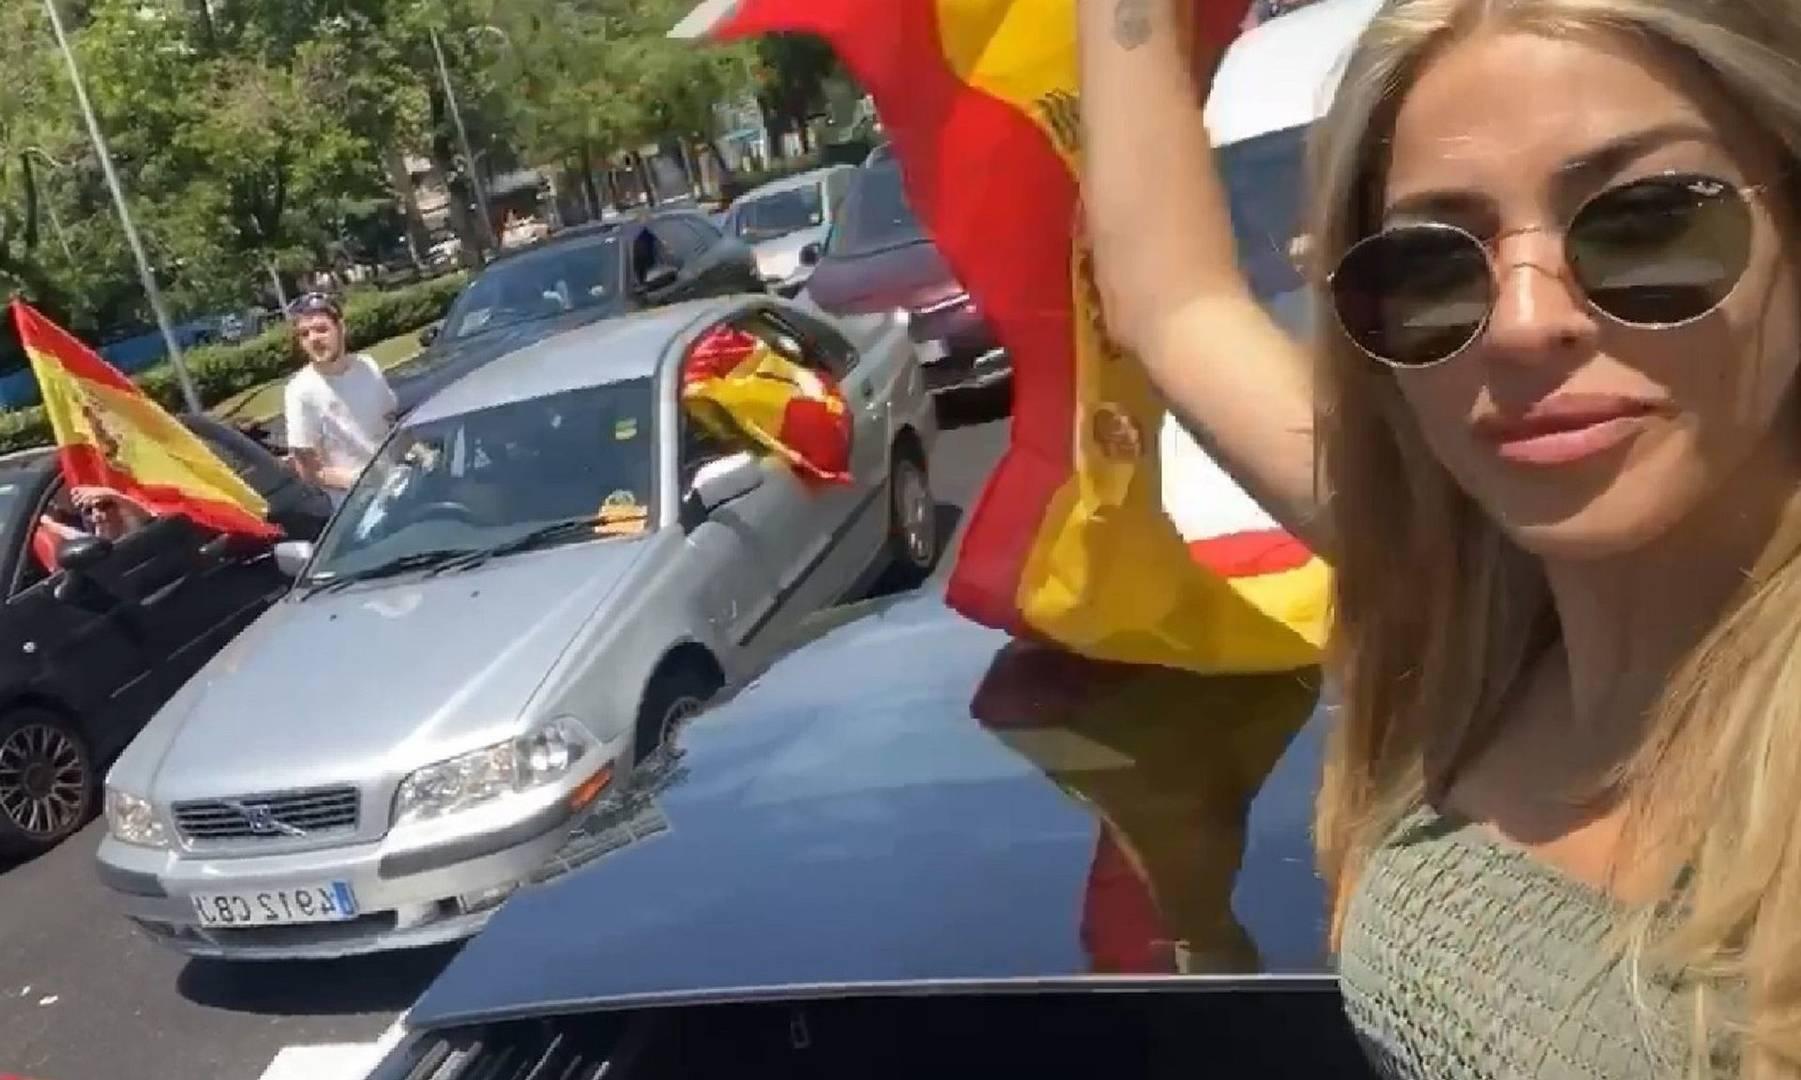 """La ex tronista de MYHYV y colaboradora de Telecinco Oriana Marzoli acudió el pasado fin de semana a la manifestación de Vox contra el Gobierno de Pedro Sánchez. Muchos de sus seguidores la acusaron de saltarse el confinamiento y las medidas de distancia social para acudir a la protesta y ella ha decidido pronunciarse al respecto:Bueno yo es que alucino con la oleada de críticas que he recibido, incluso amenazas, por haber asistido a una manifestación por la mala gestión del Gobierno"""", ha señalado antes de continuar: """"Ese que dicen que es democrático, pero que me hace sentir megacoaccionada y sin ningún tipo de libertad de expresión""""."""